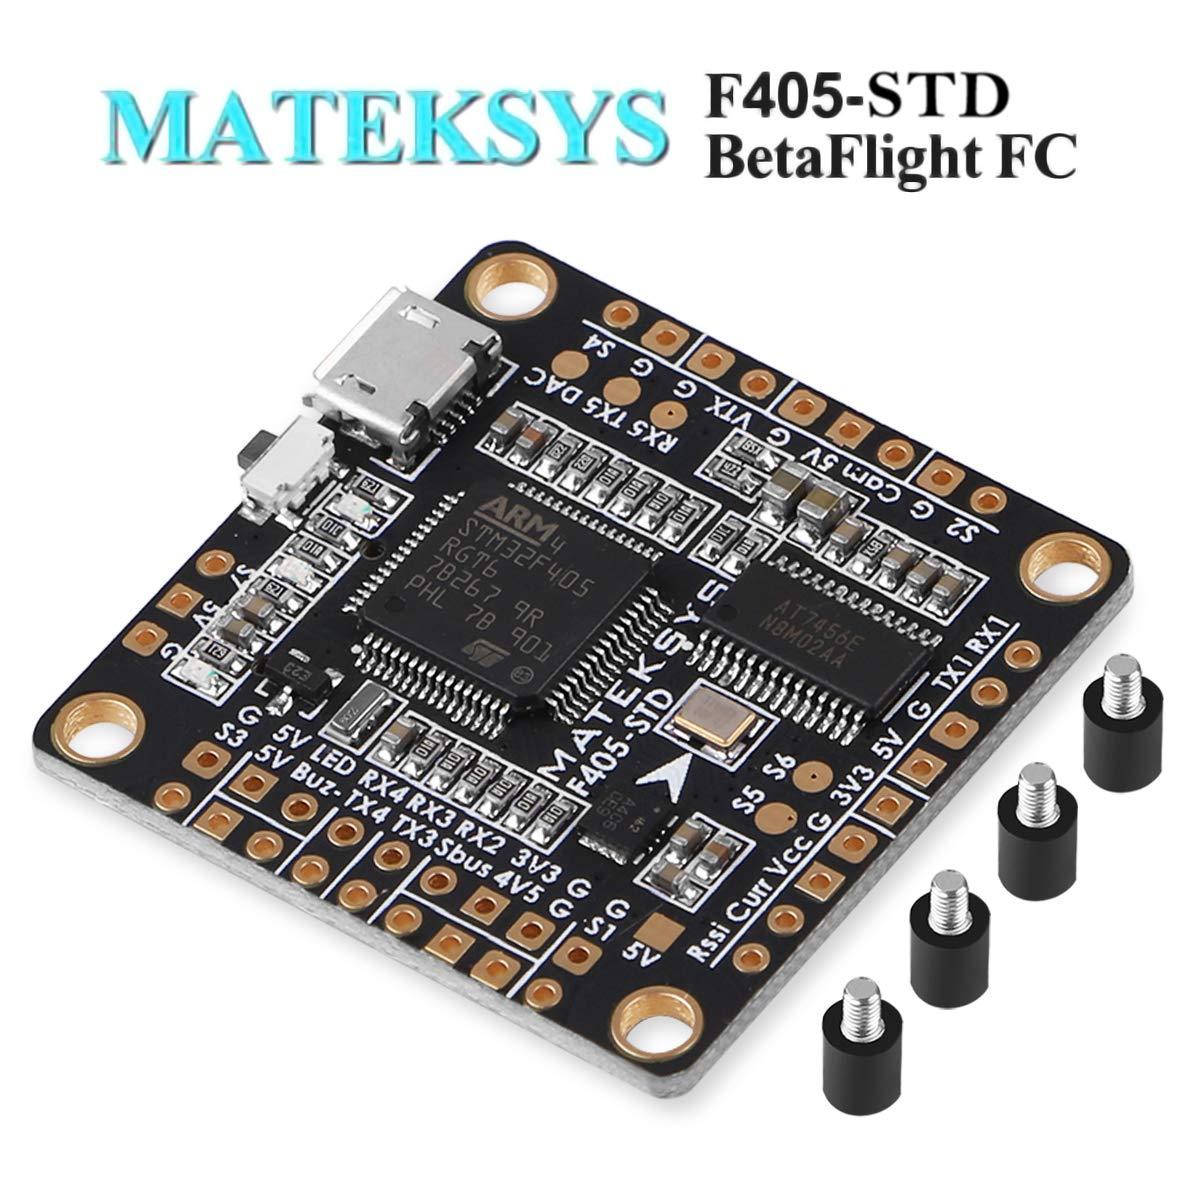 Rssi Betaflight 34 FrSky RSSI Configuration for